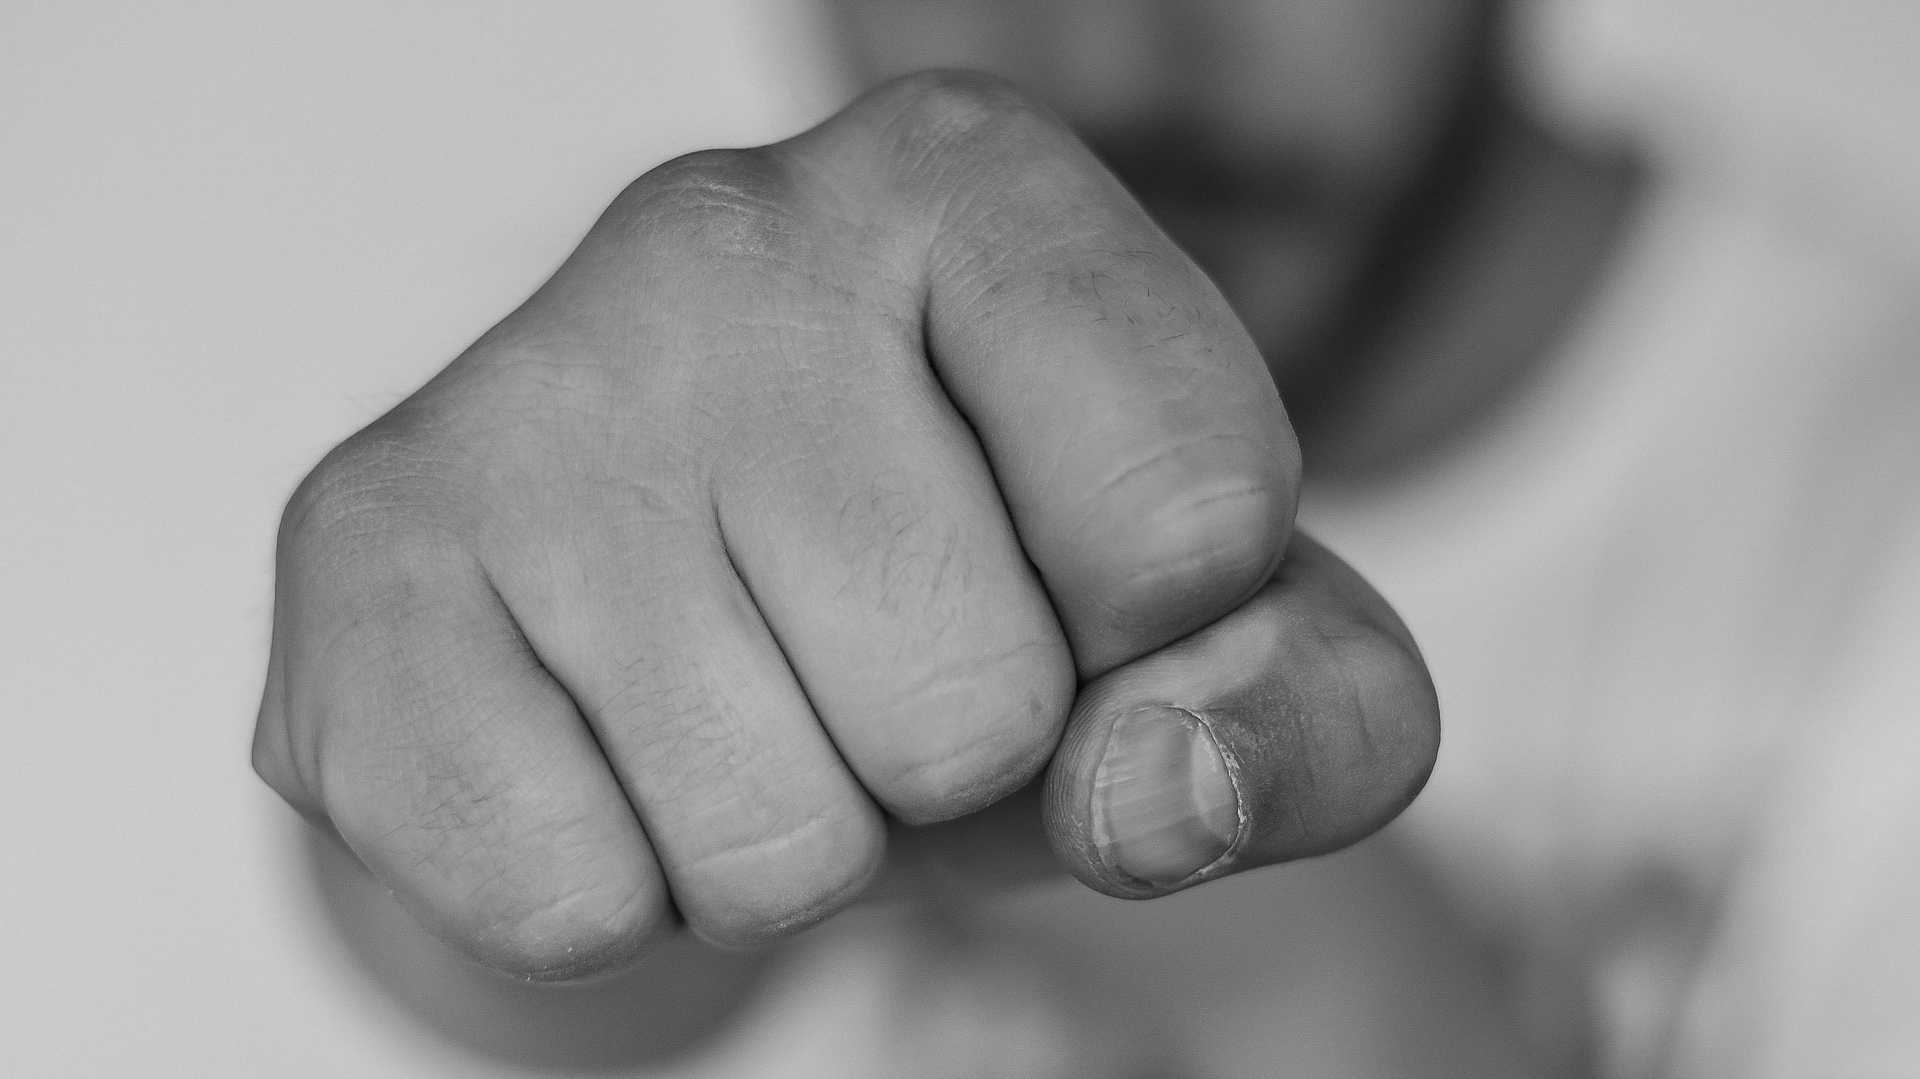 Studie zu Internet: 98 Prozent der Nutzer lehnen Beleidigungen ab